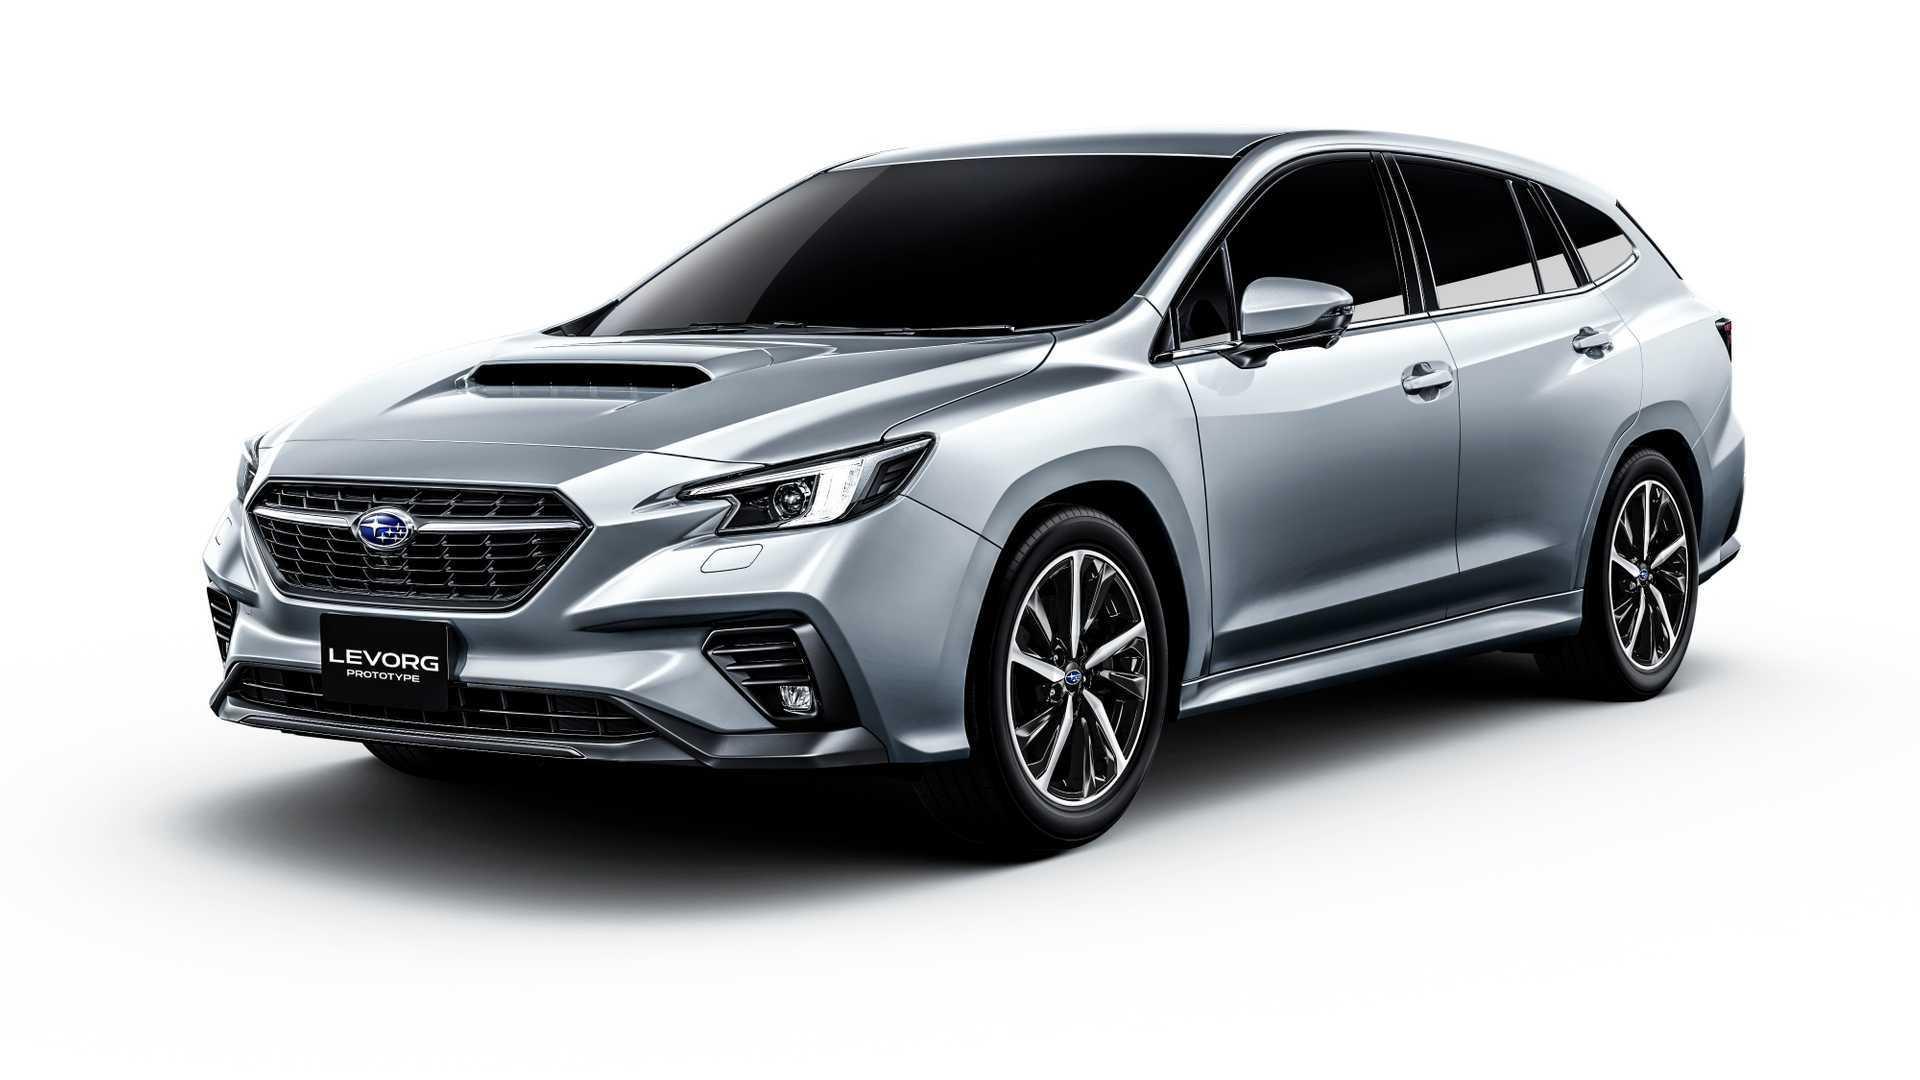 全新平台和最新家族语言,全新斯巴鲁LEVORG原型车发布